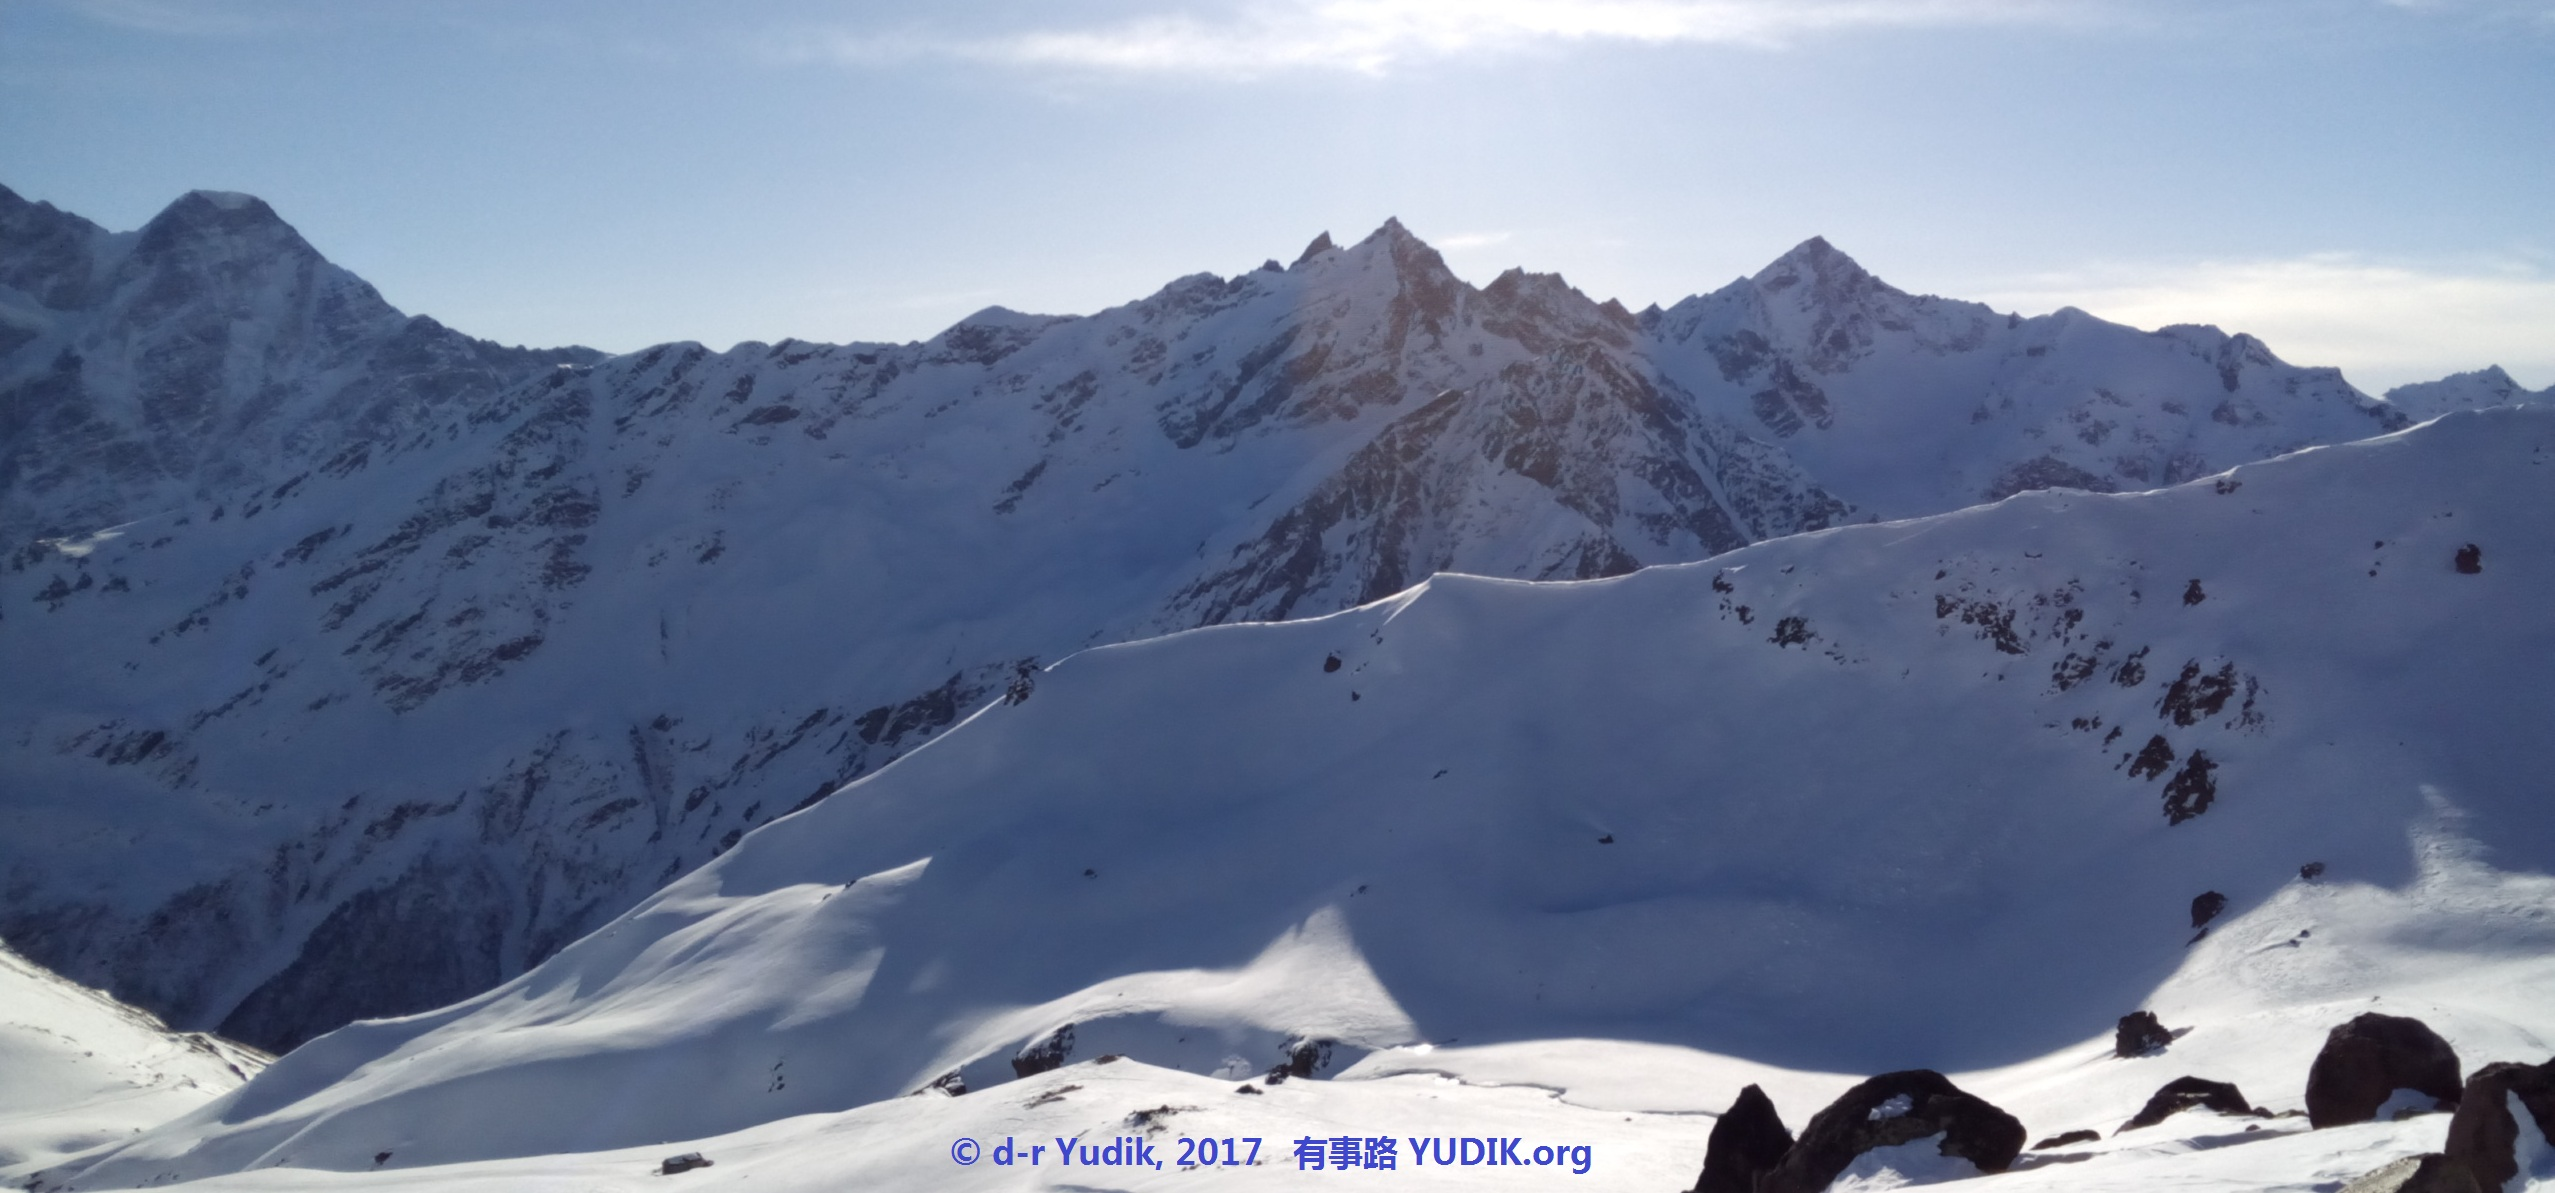 Elbrus_d-r Yudik_2017_28